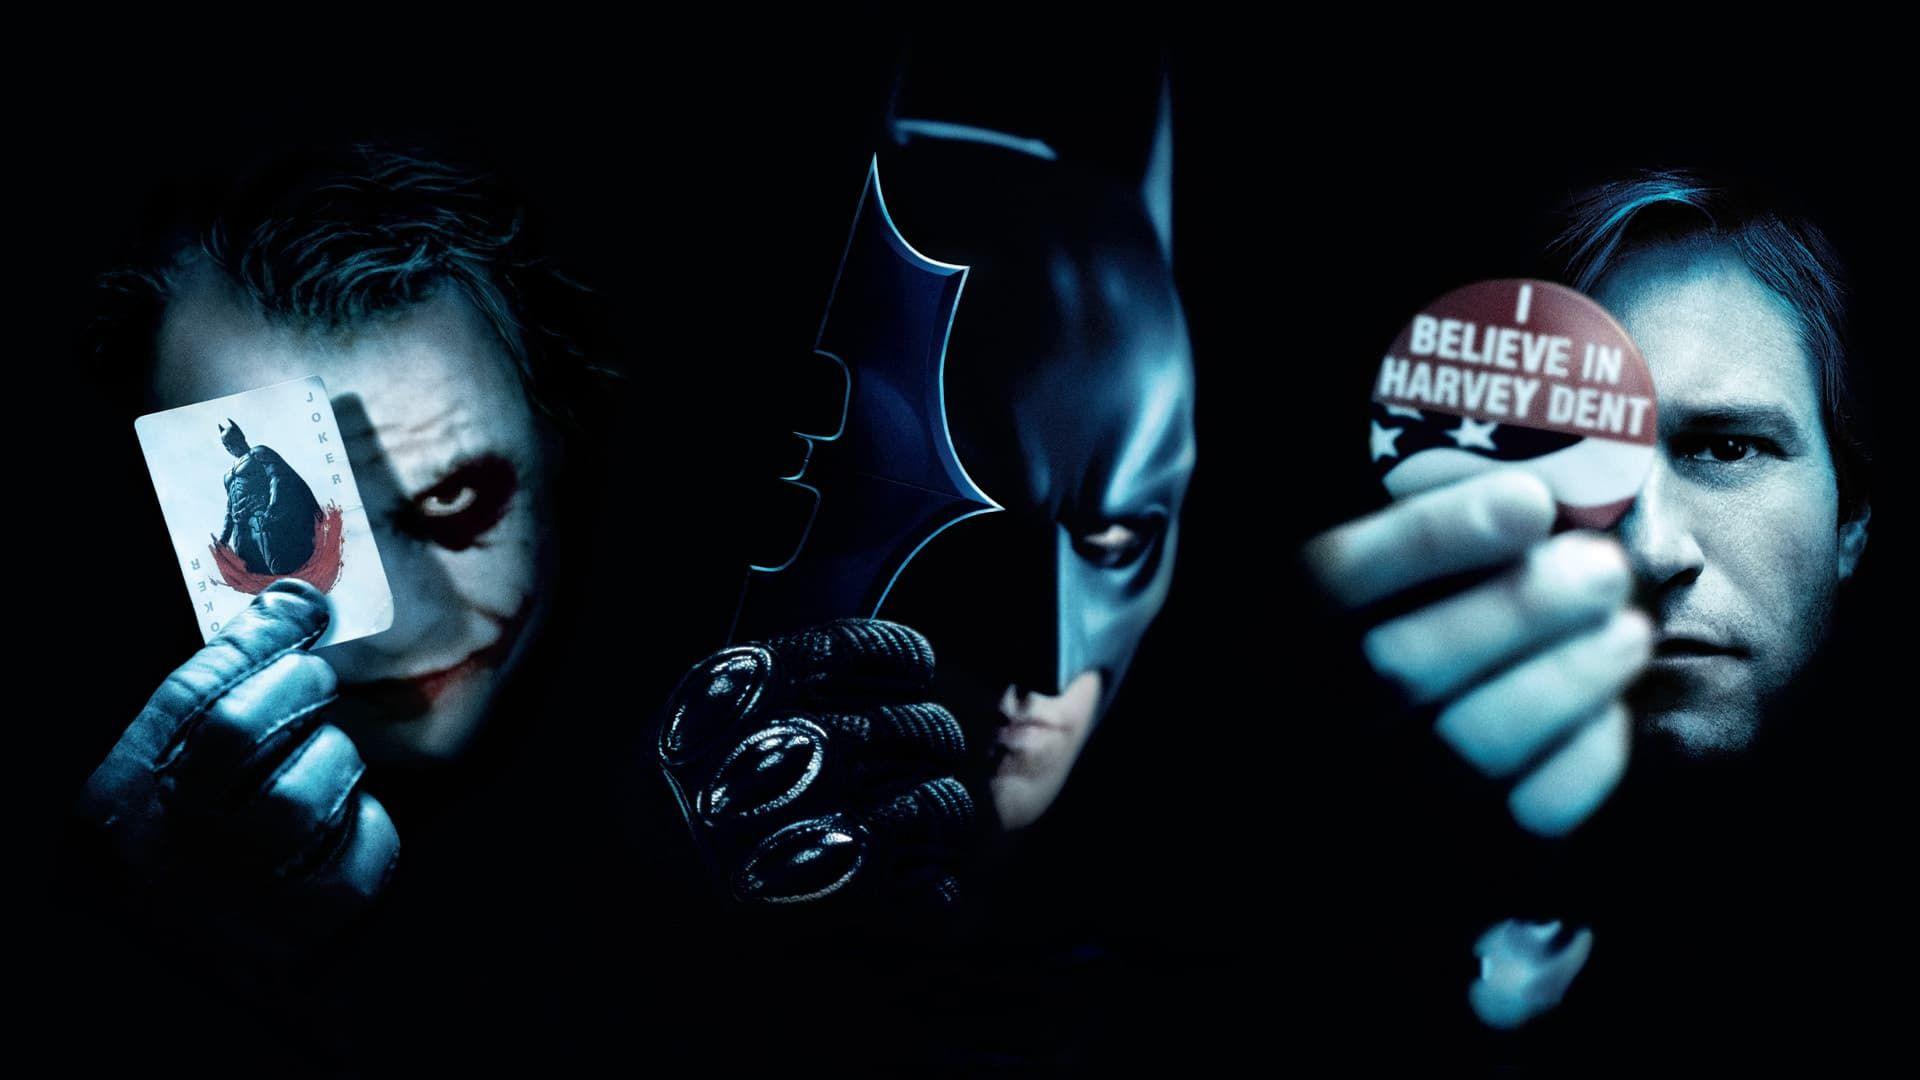 Sehen The Dark Knight 2008 Ganzer Film Deutsch Komplett Kino The Dark Knight 2008complete Film Deutsch The Dark Knigh Dark Knight The Dark Knight Rises Knight